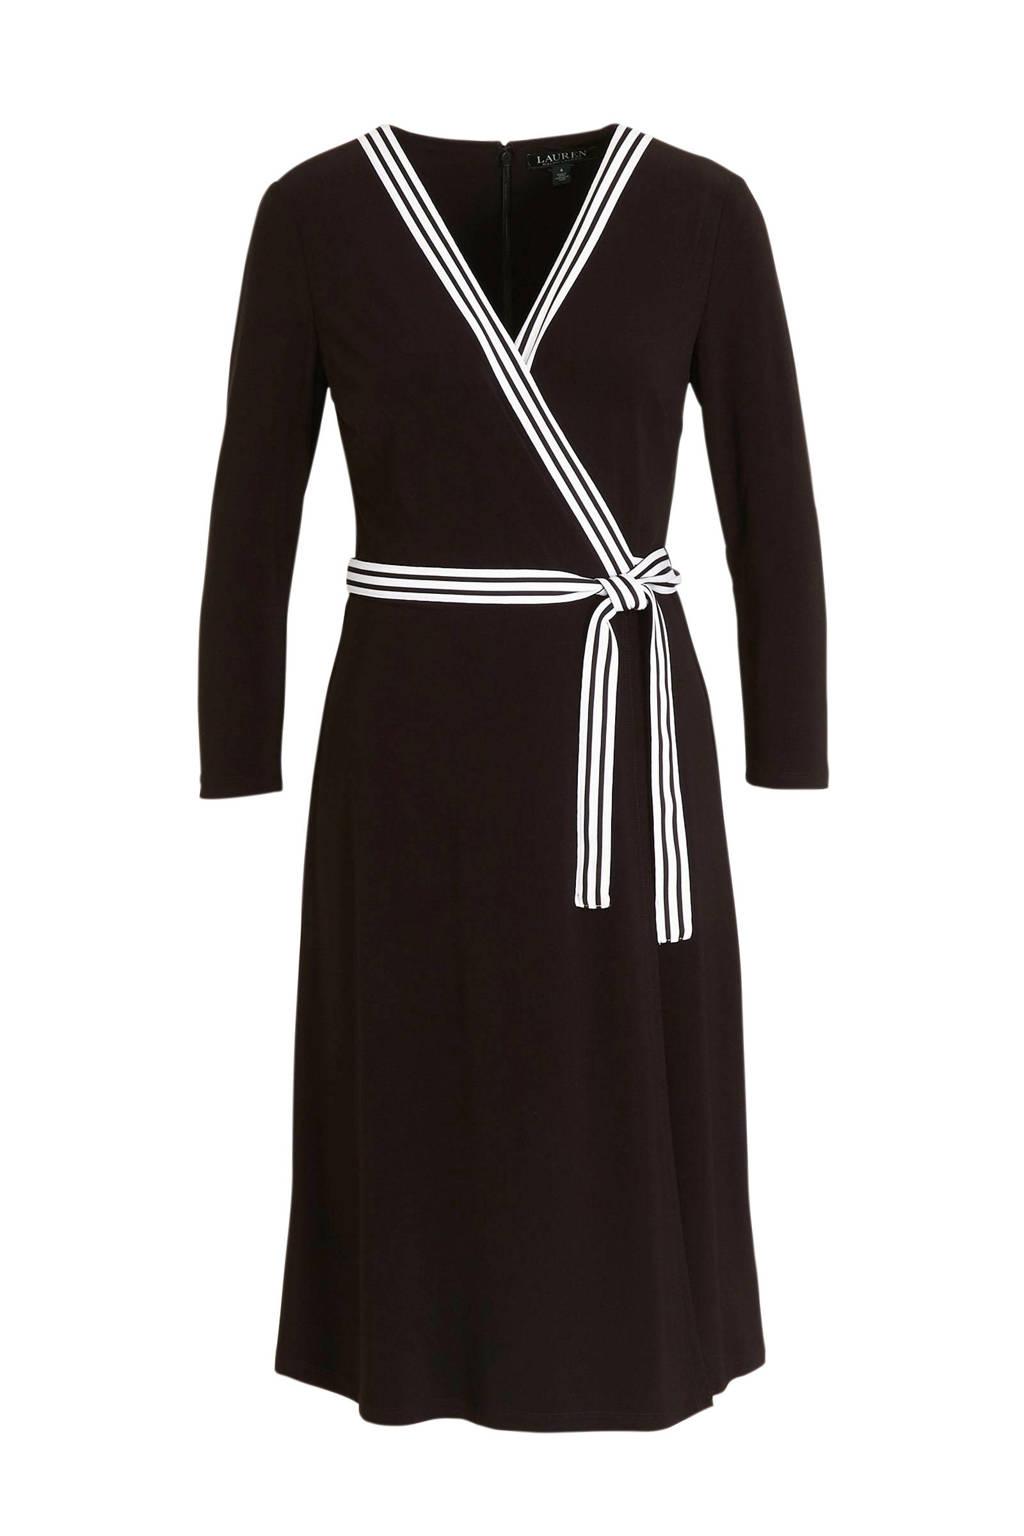 Lauren Ralph Lauren overslagjurk en ceintuur zwart/wit, Zwart/wit